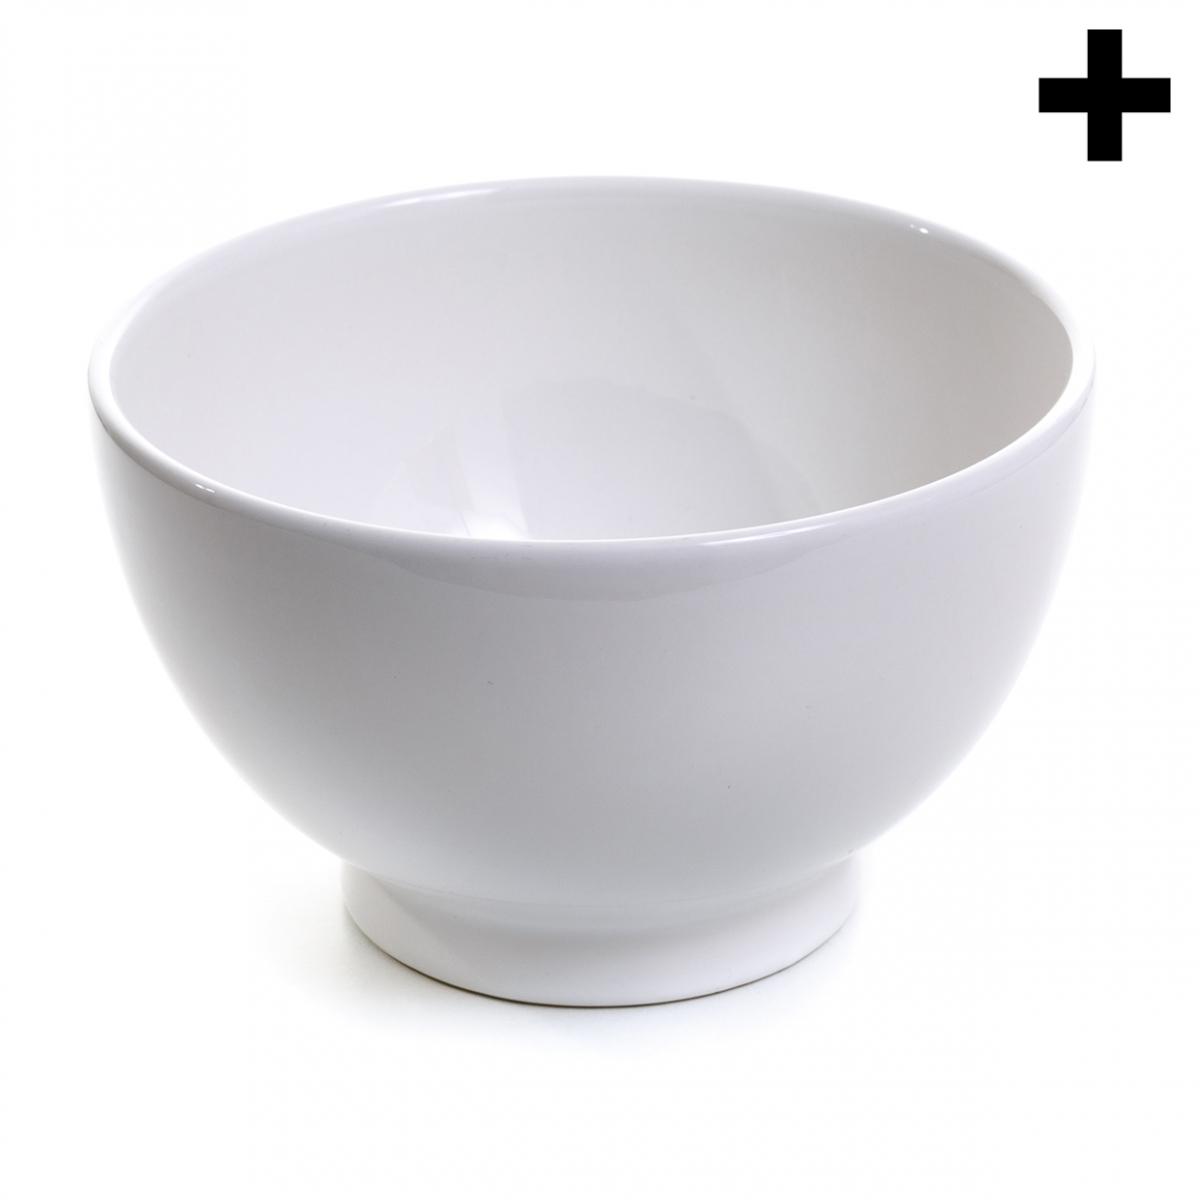 Imagen en la que se ve un bol de cerámica blanca en perspectiva lateral